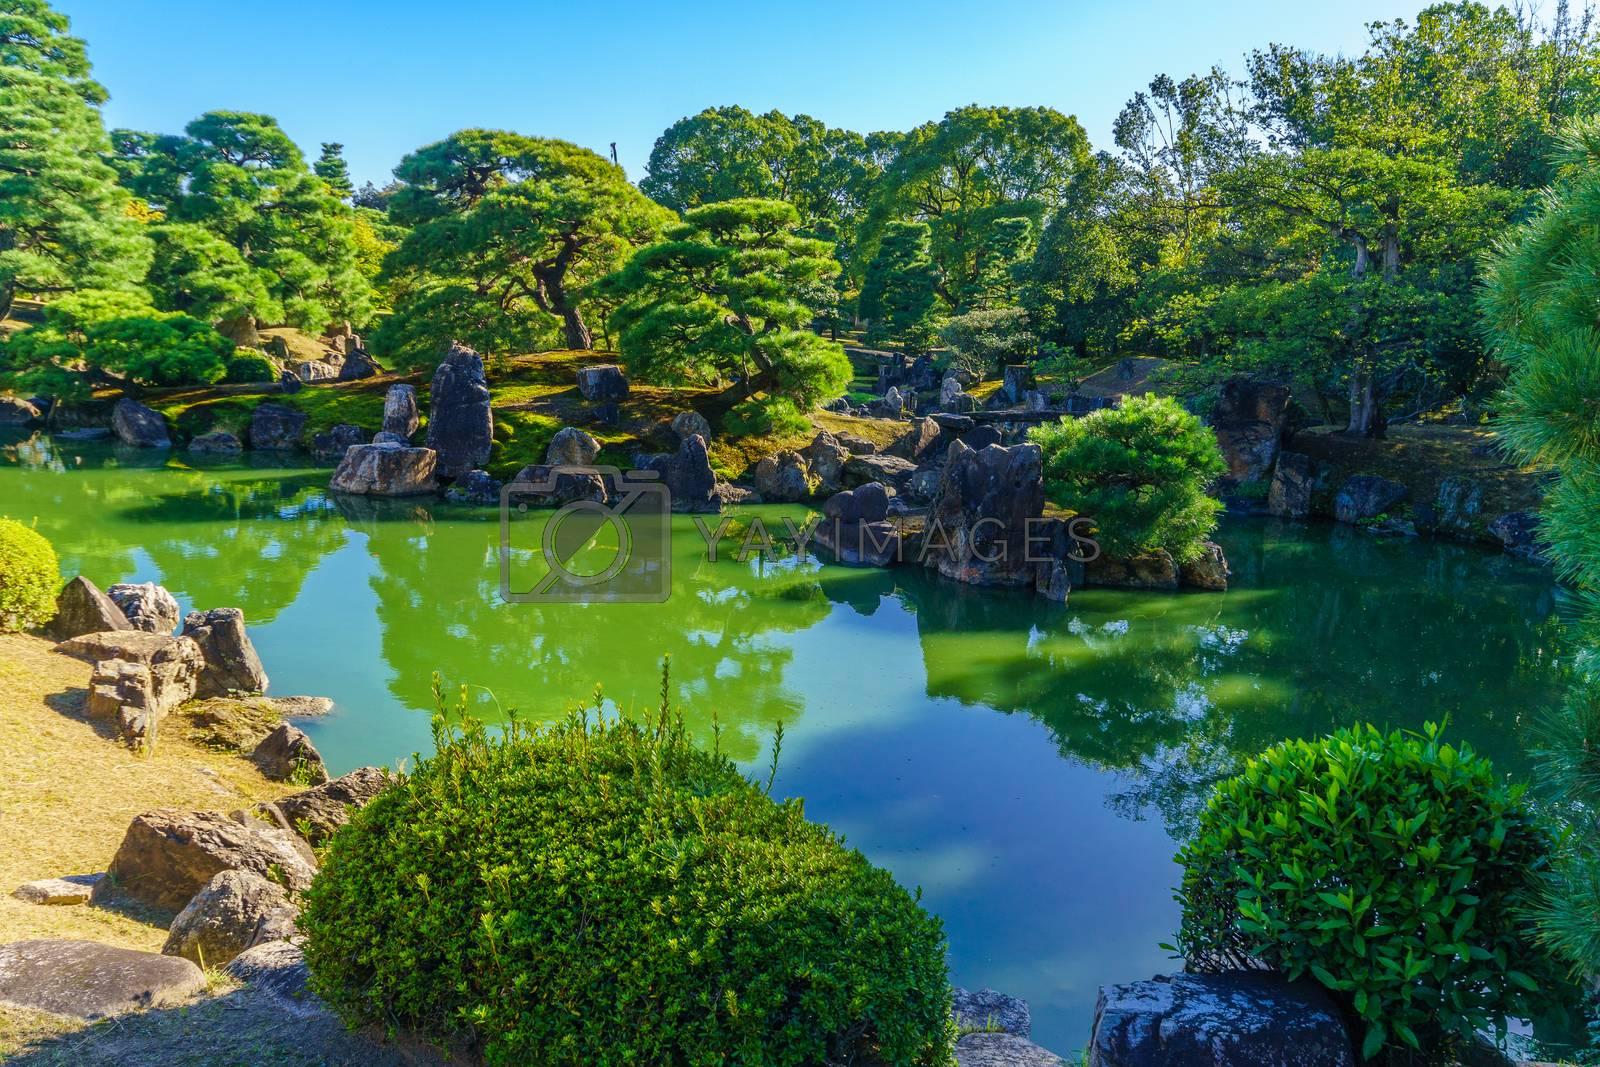 View of a garden in the Nijo Castle, in Kyoto, Japan